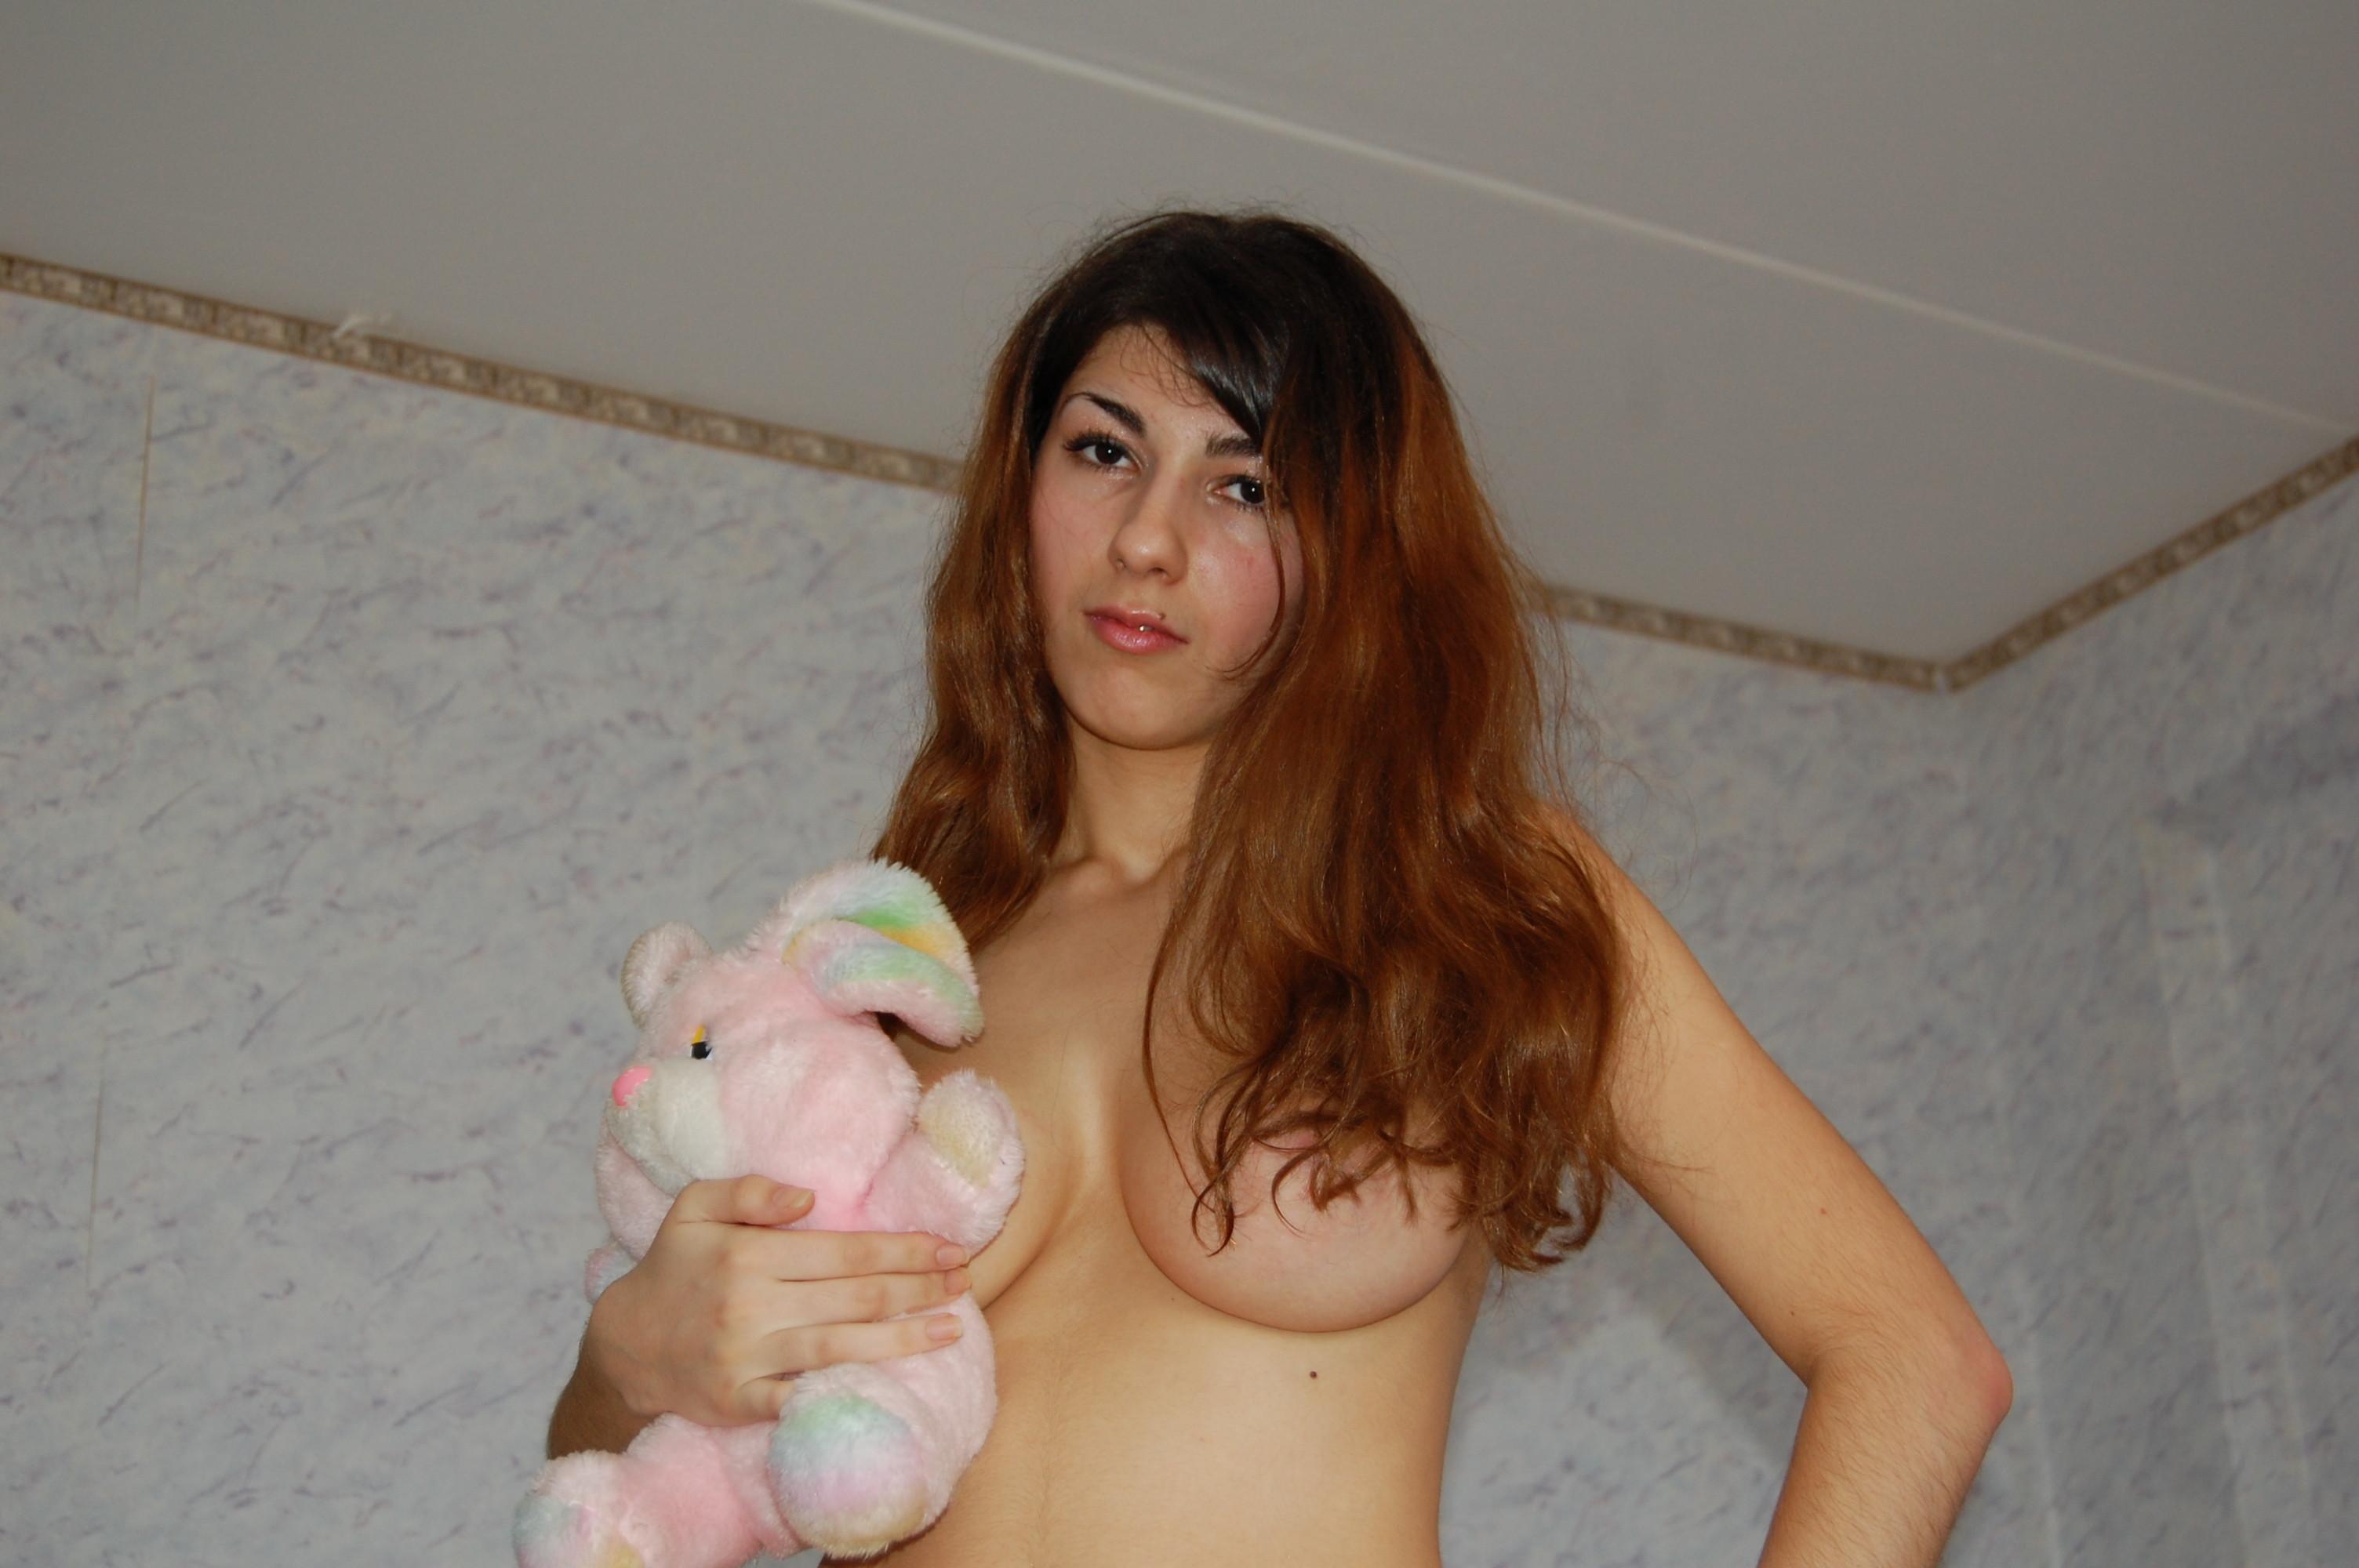 Фото грузинских девушек голых 7 фотография